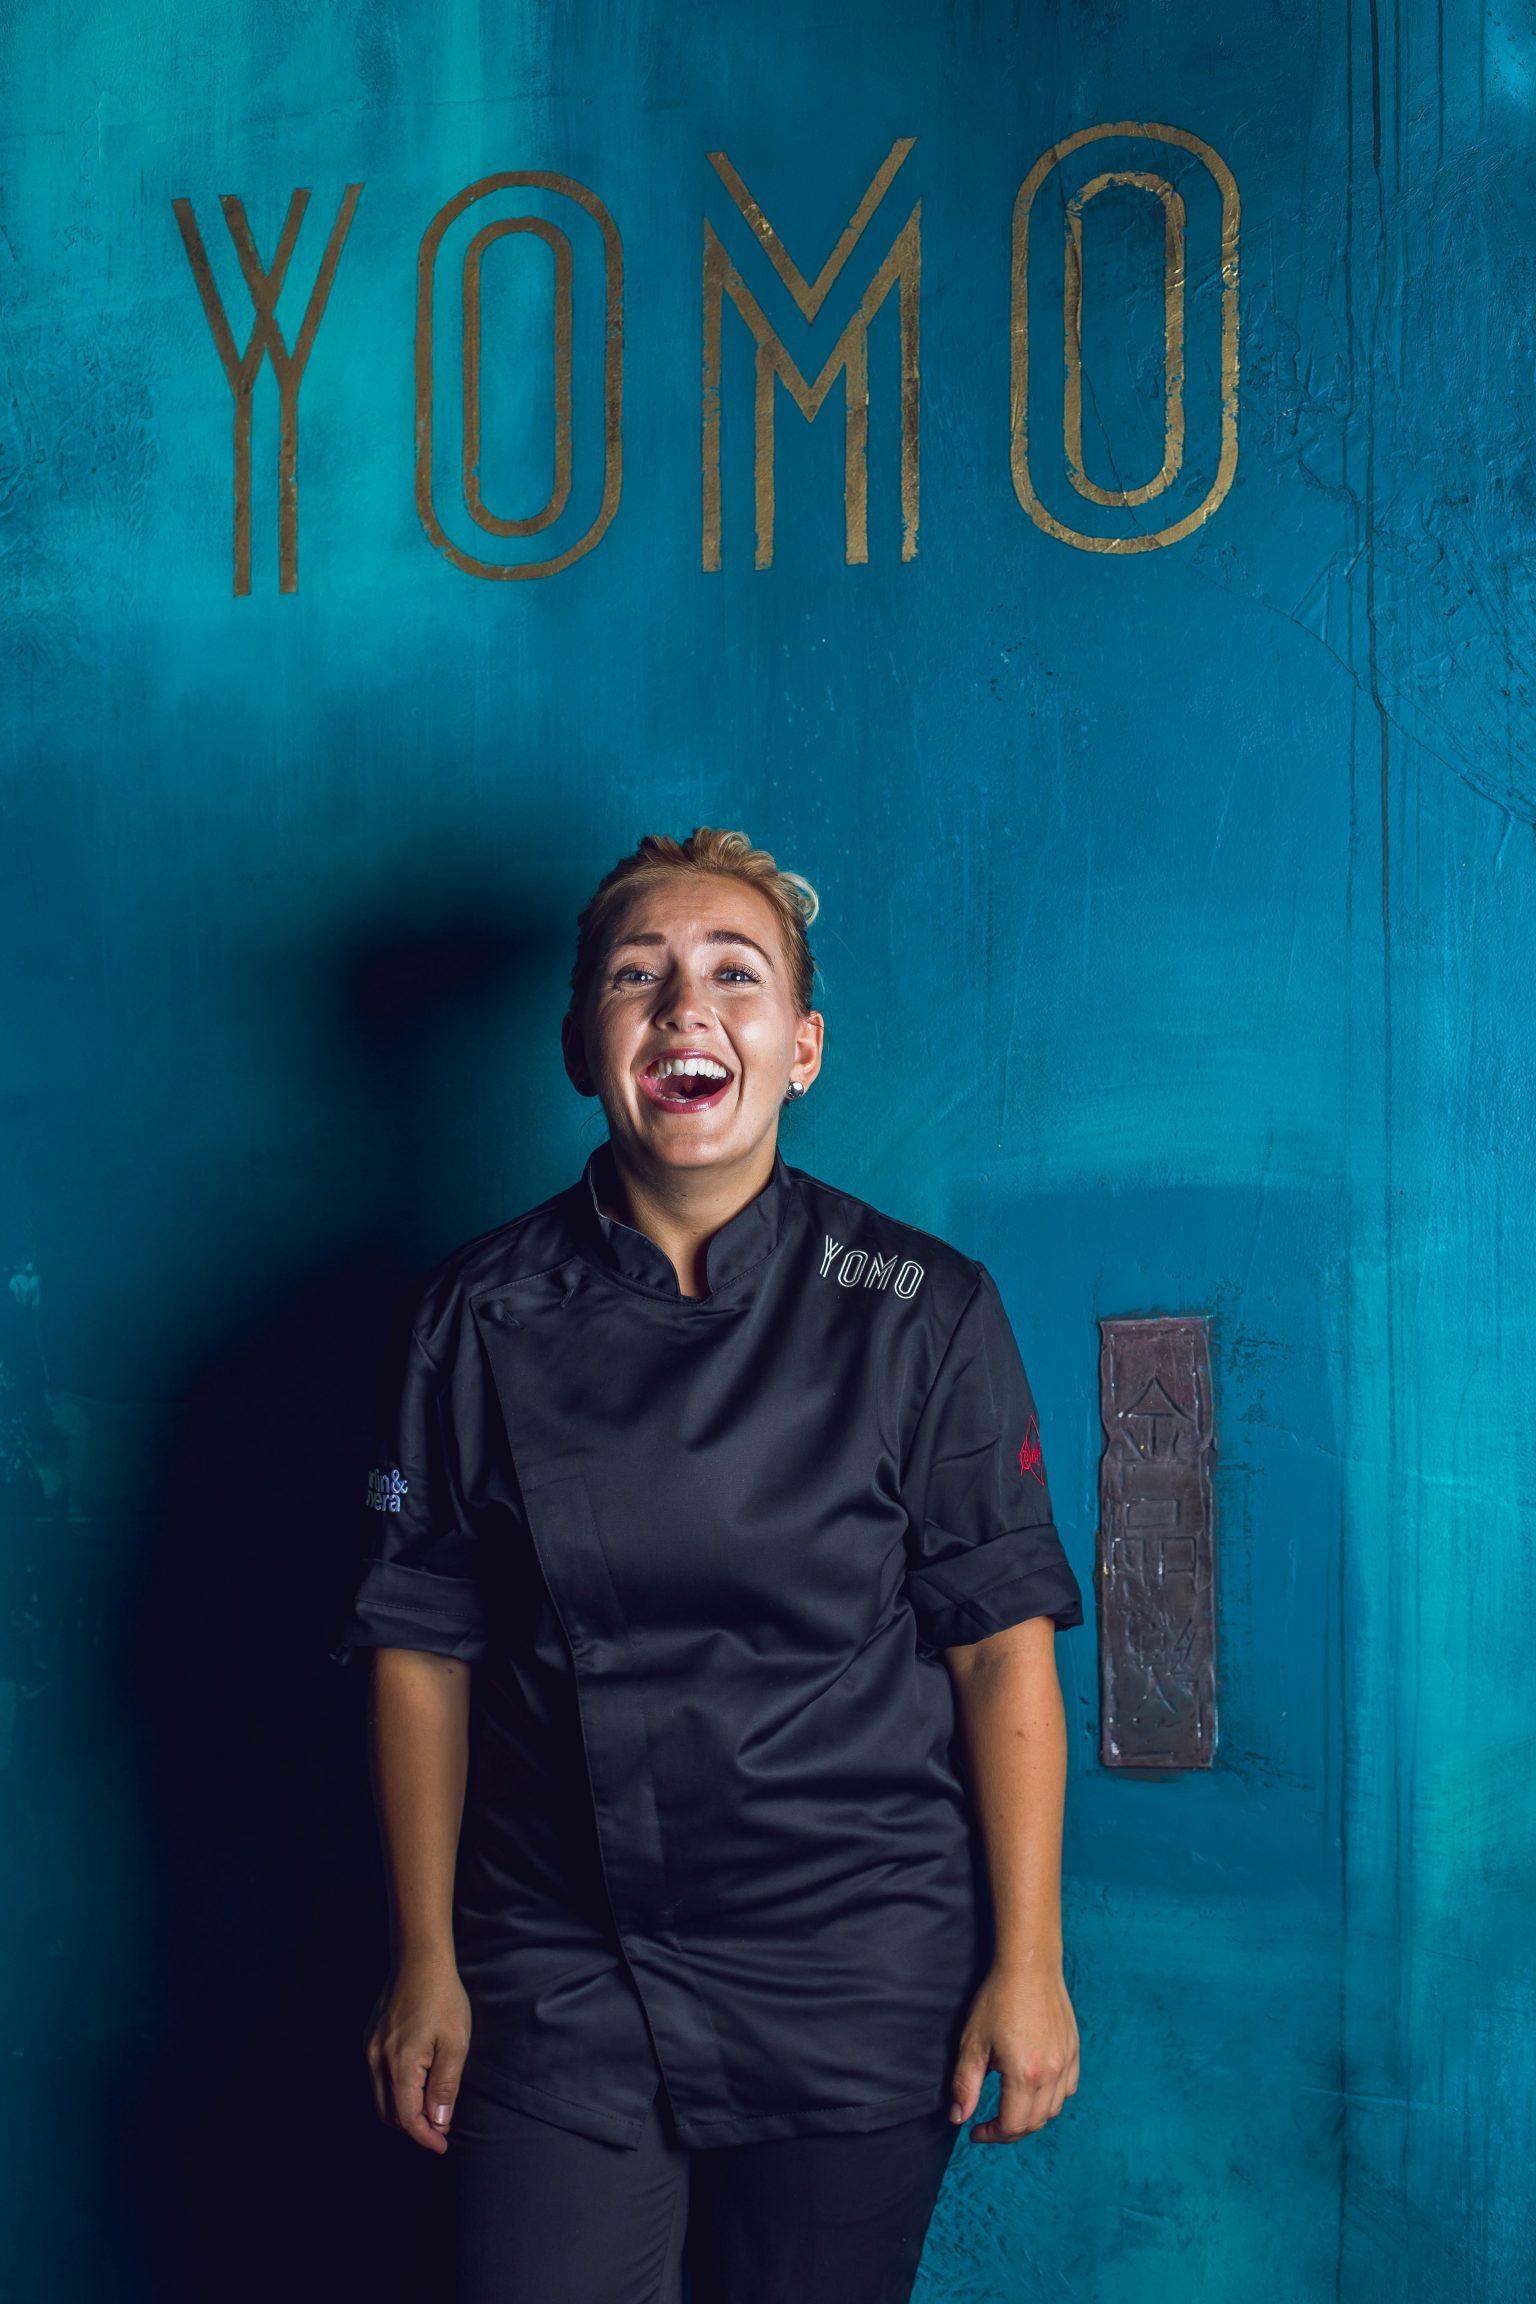 Elite Studio Falkenberg Fotograf foto Video Företag Hotell Restaurang Drönare Porträtt Fotokonstnär Yomo Uddevalla